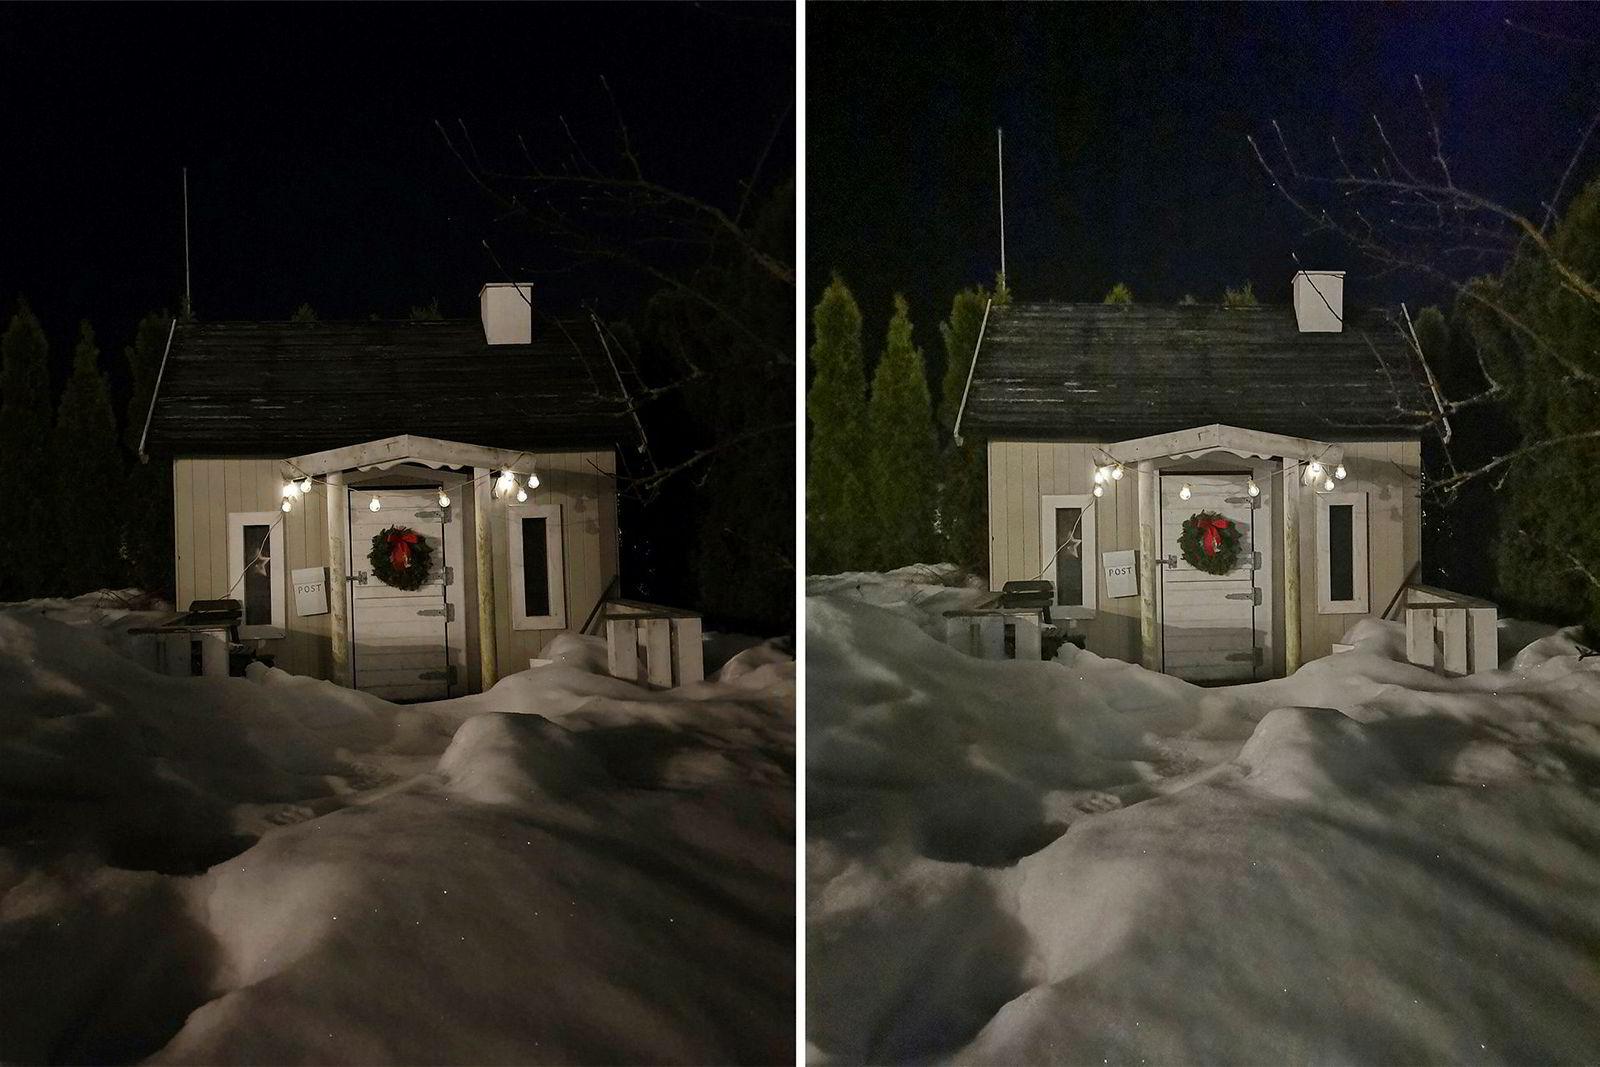 Nattmodus. Galaxy S10+ til venstre, Huawei Mate 20 Pro til høyre.